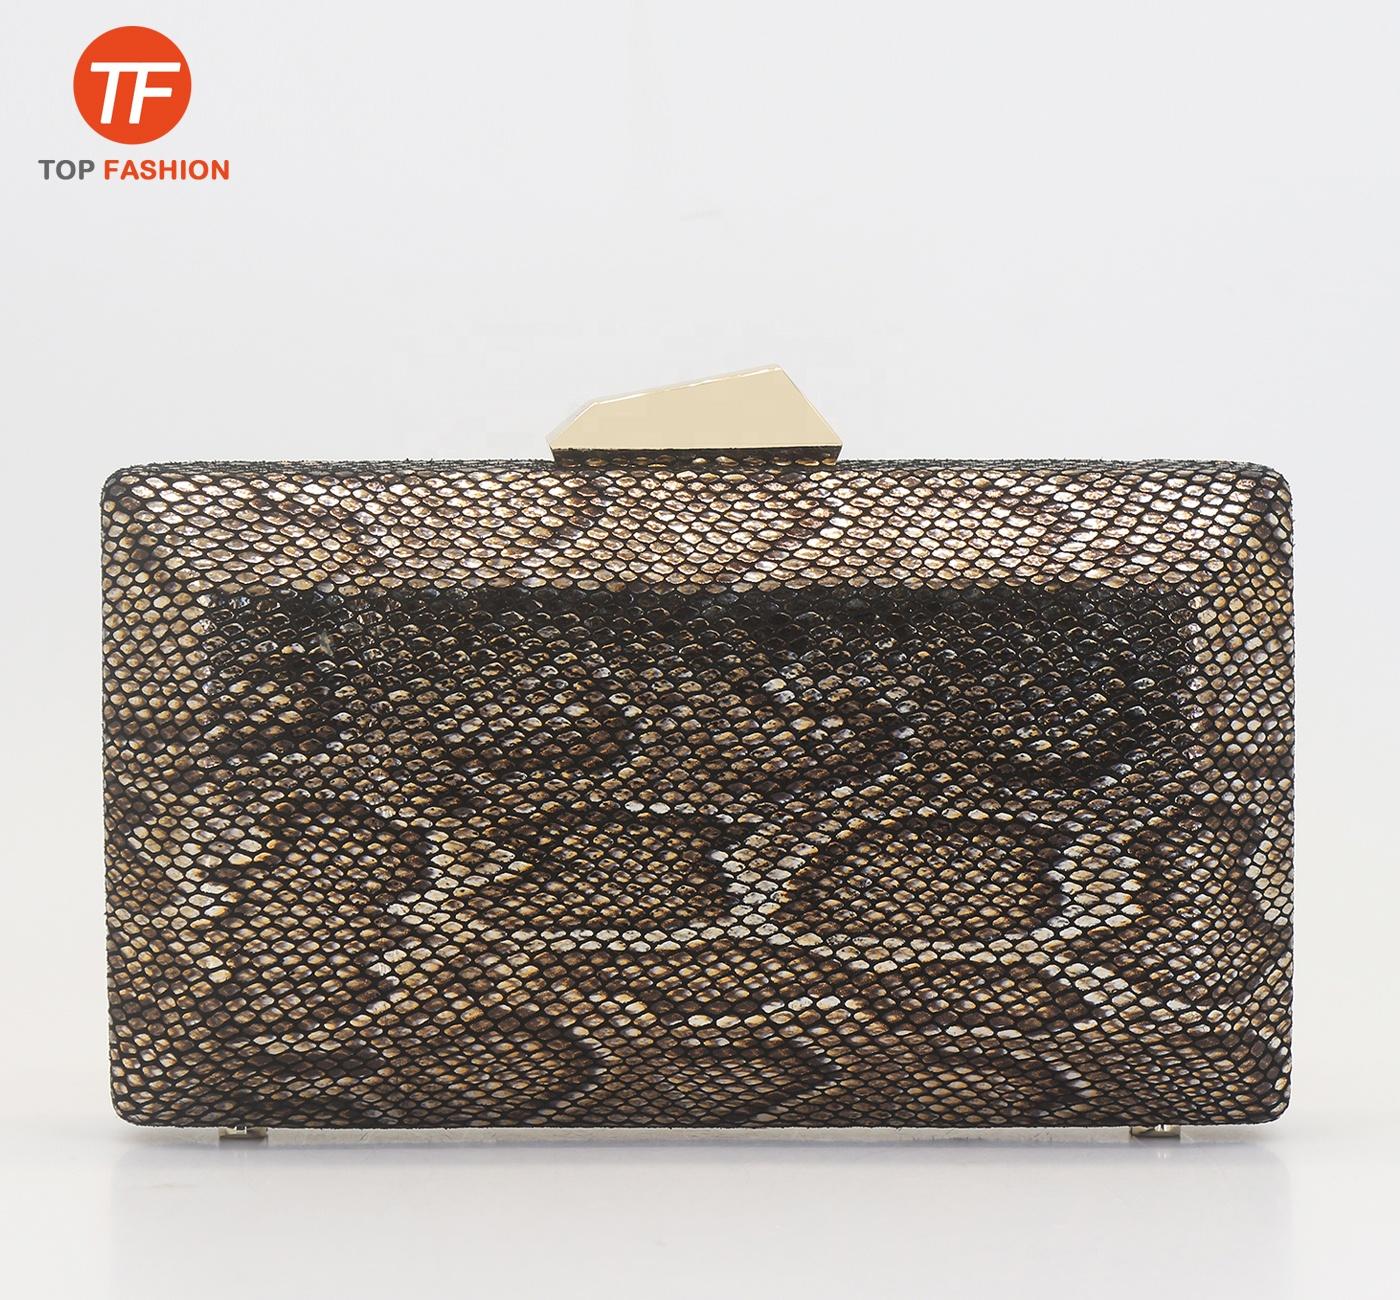 4585eec45adc 2019 Новый оловянный питон шаблон из натуральной кожи коробка для женщин  клатч вечерняя сумочка оптовая продажа